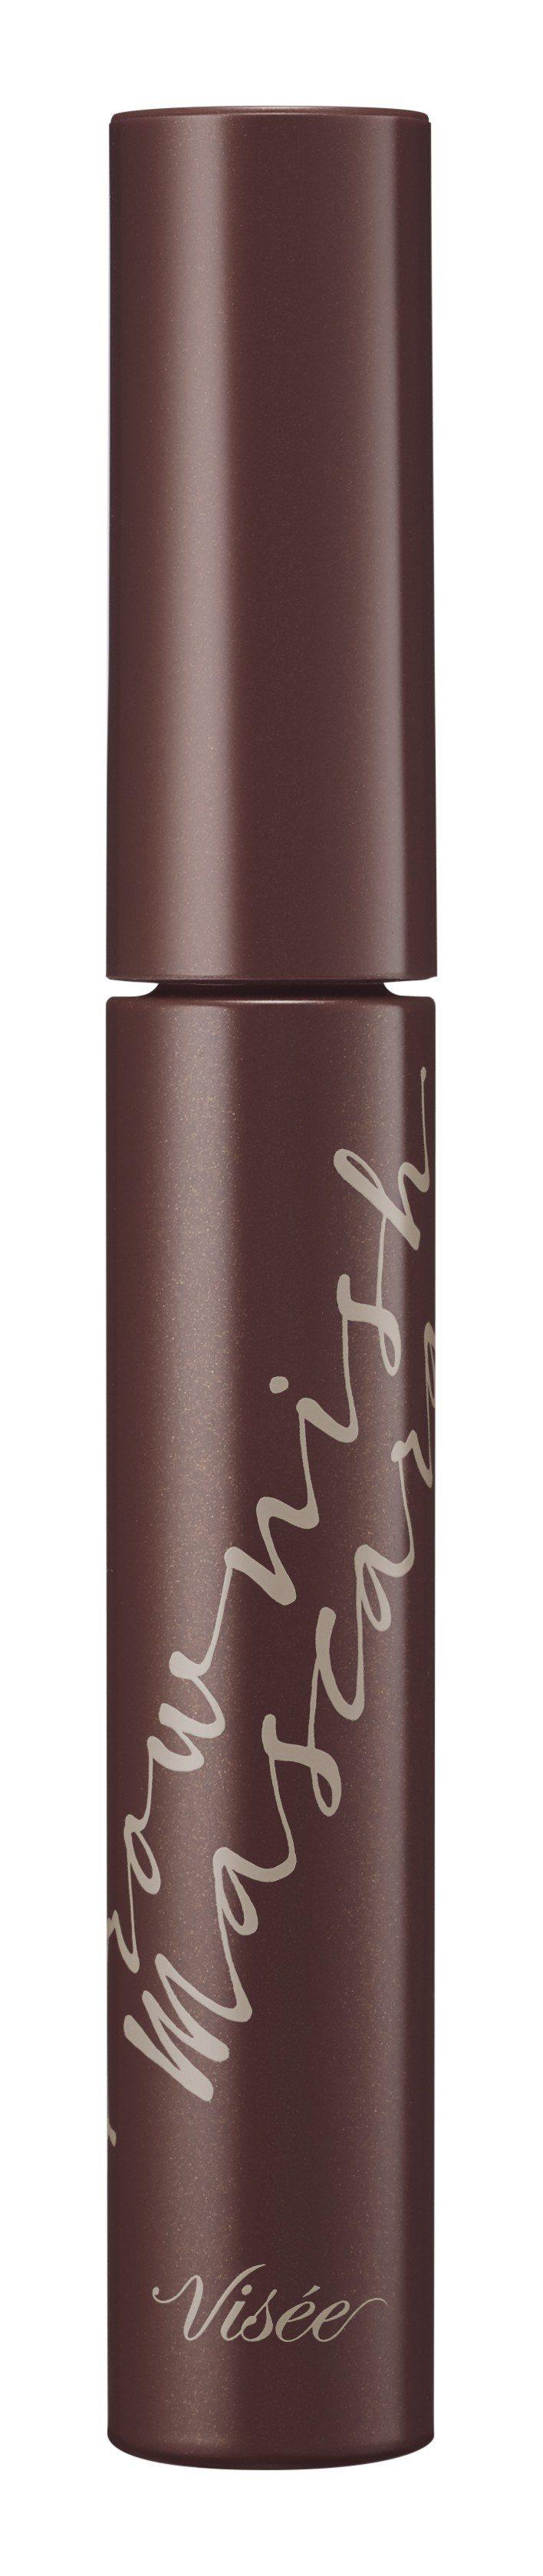 Visee柔彩捲翹濃睫膏#BR300日光咖啡,售價370元,9月1日上市。圖/V...